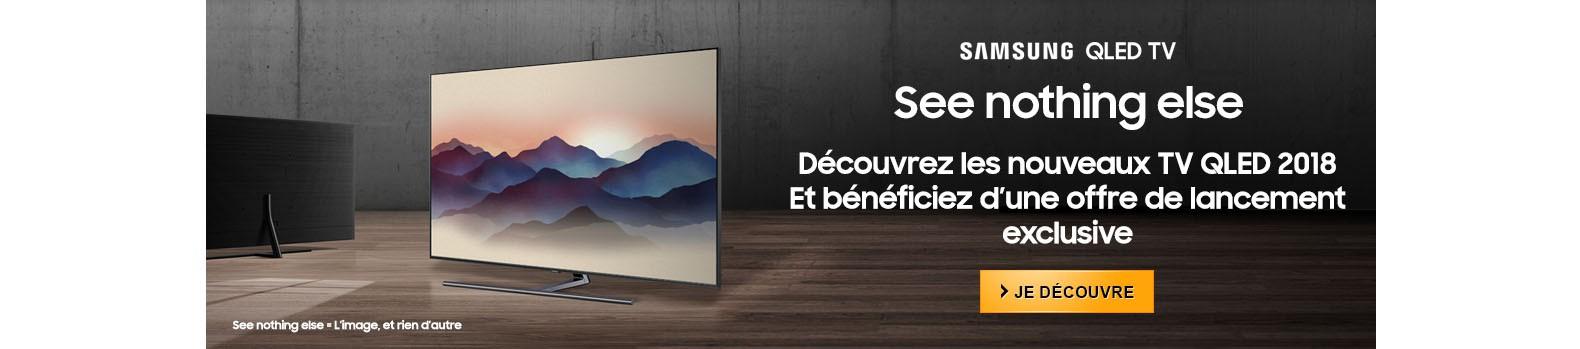 Découvrez les nouveaux TV Samsung QLED 2018 avec l'offre de lancement exclusive